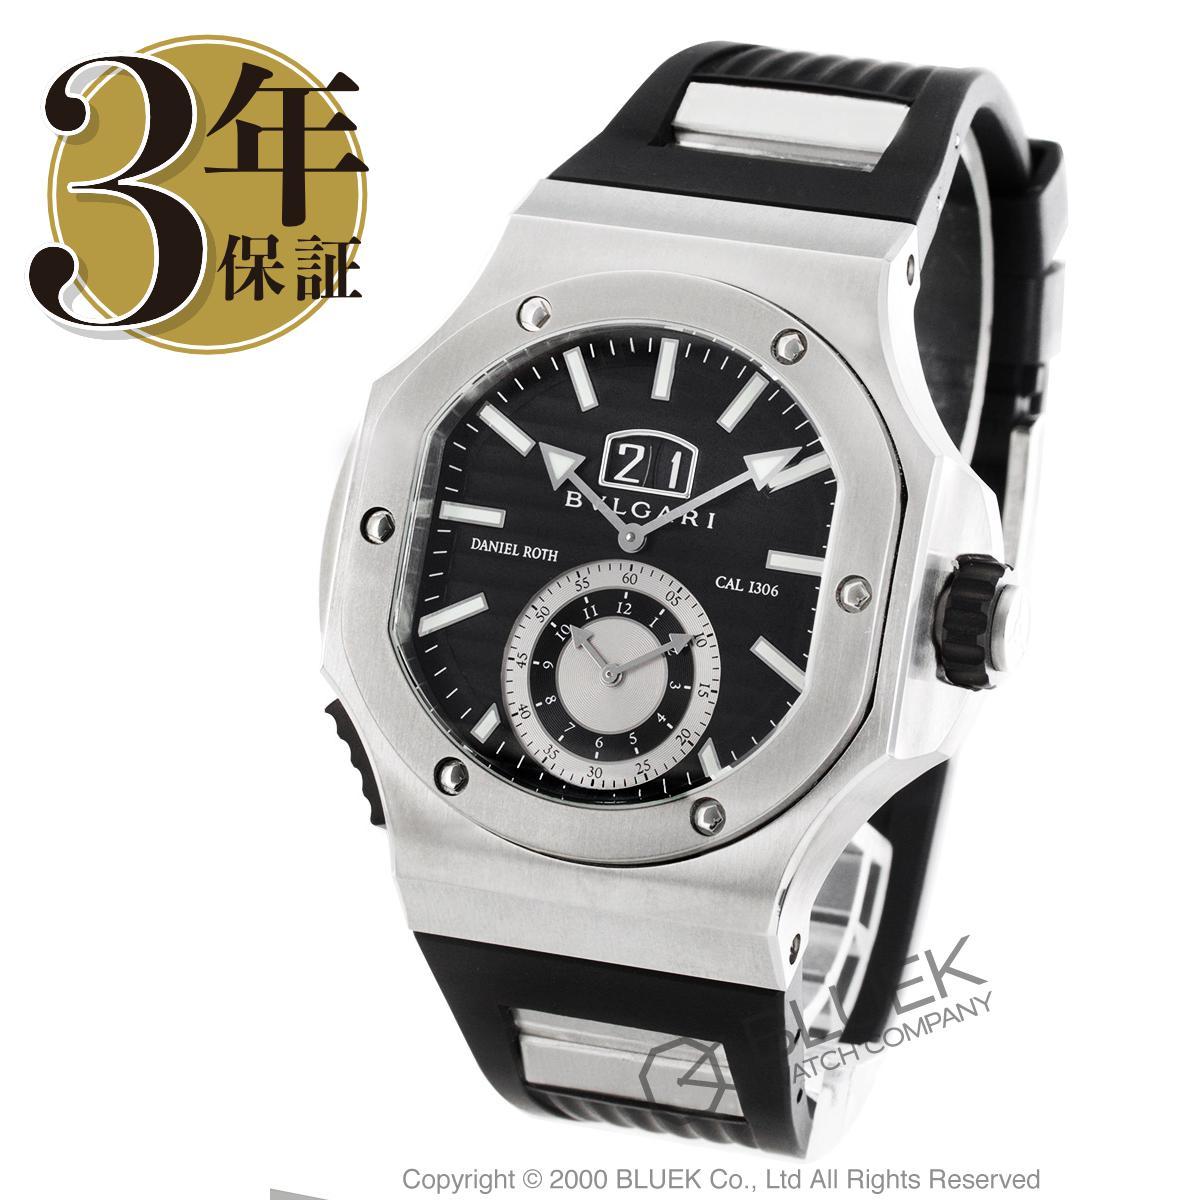 【3万円OFFクーポン対象】ブルガリ ダニエル ロート クロノスプリント 腕時計 メンズ BVLGARI BRE56BSVDCHS_8